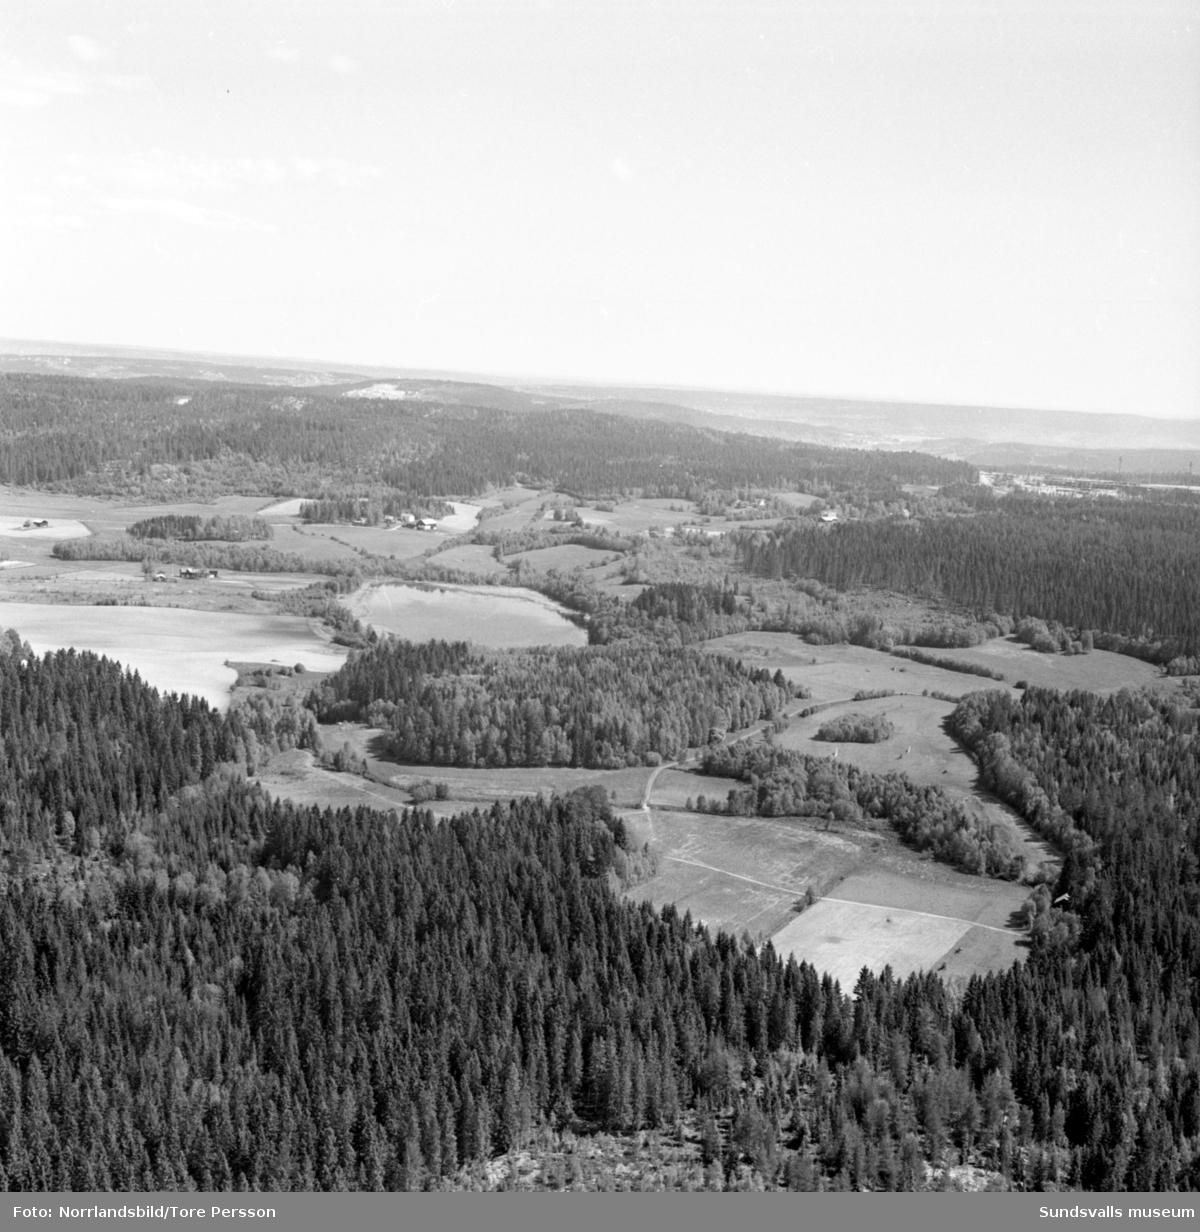 """Flygfoton över Timrå med omnejd. Centrum, industriområdet, idrottsplatsen med """"Grytan"""" och isladan, Östrandsfabriken, Vivstavarvstjärn, landsbygd."""